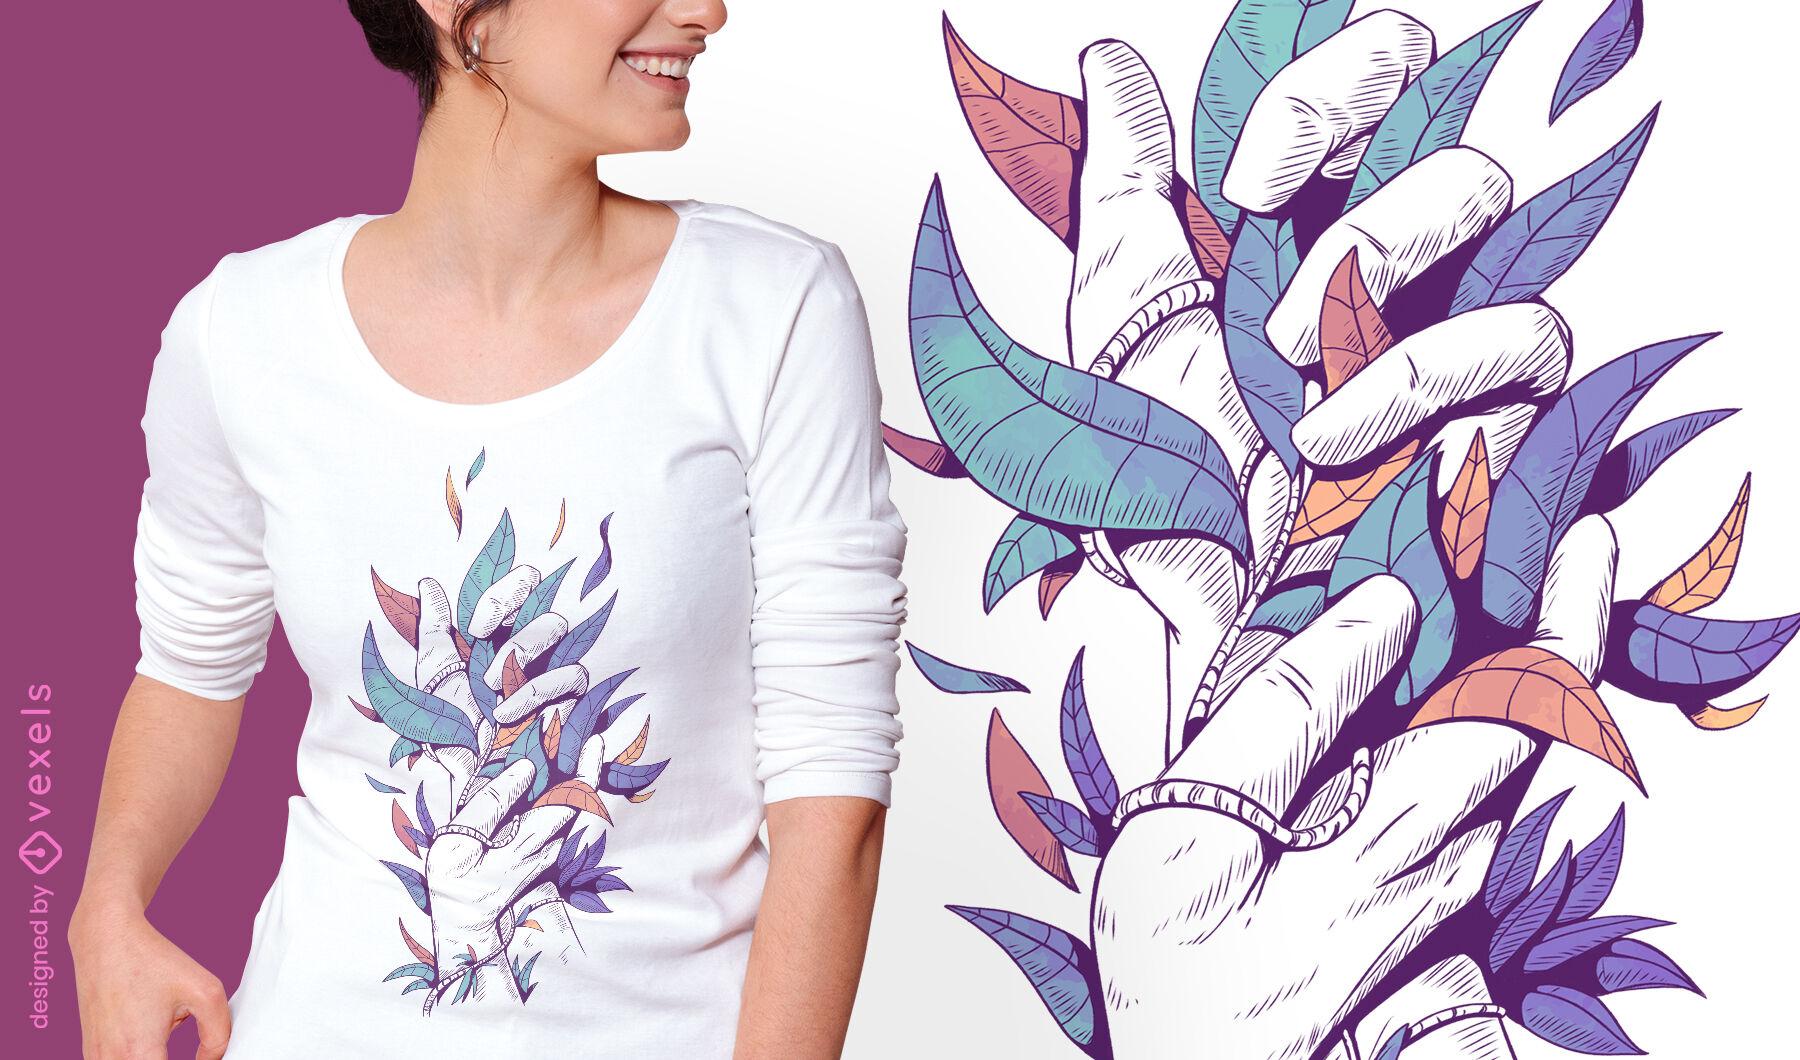 Hands holding leaves illustration psd t-shirt design